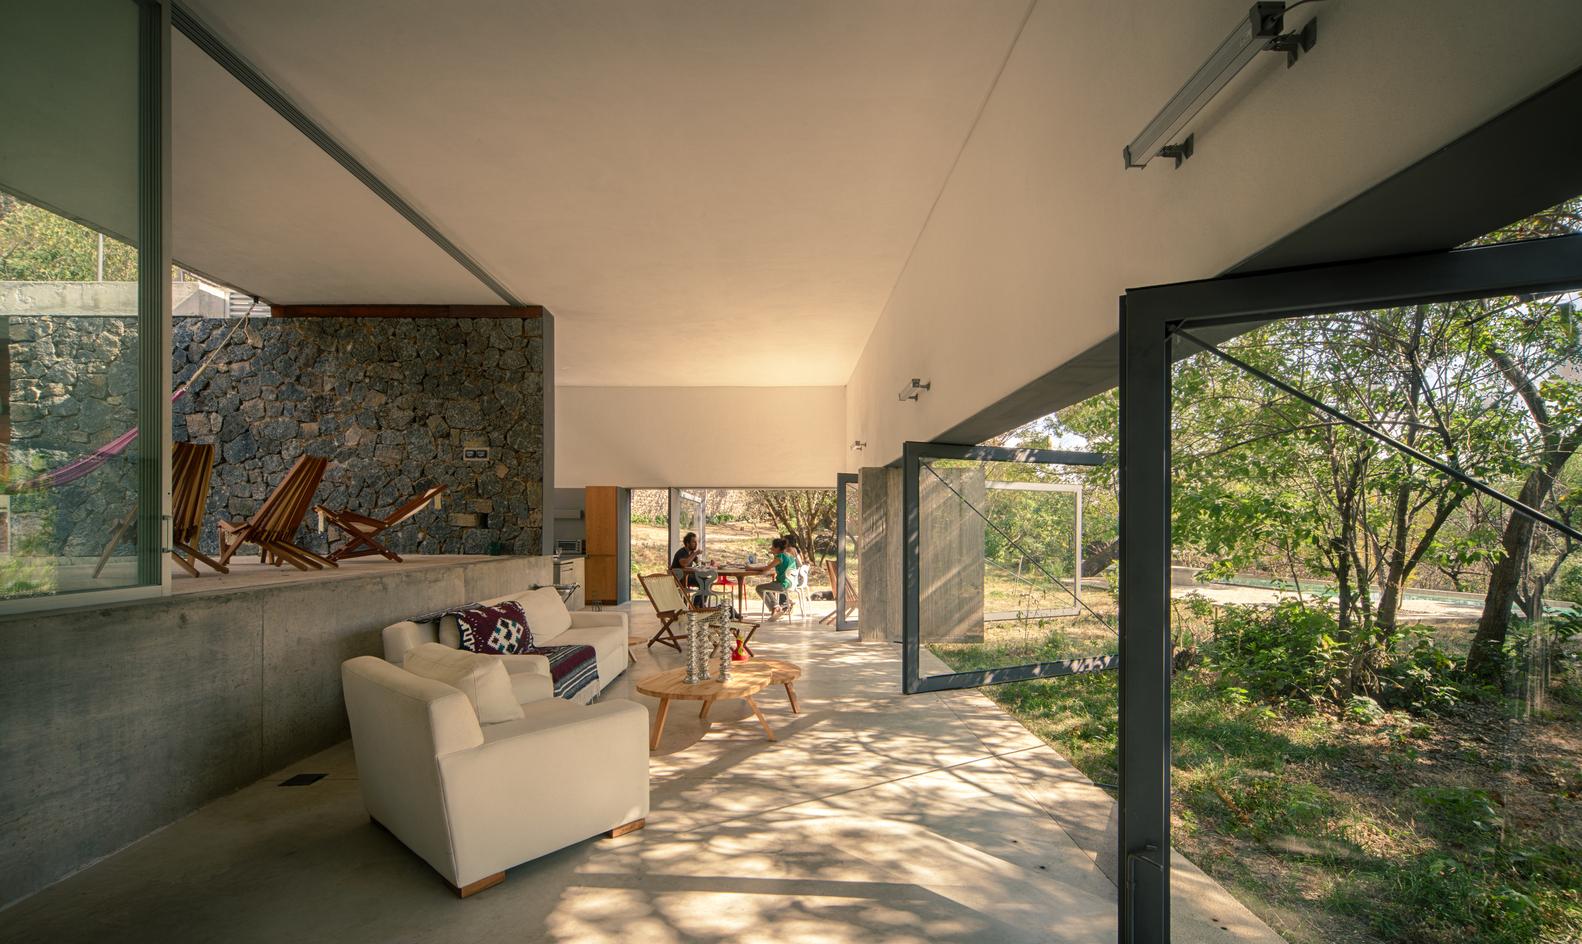 Casa Meztitla interior view